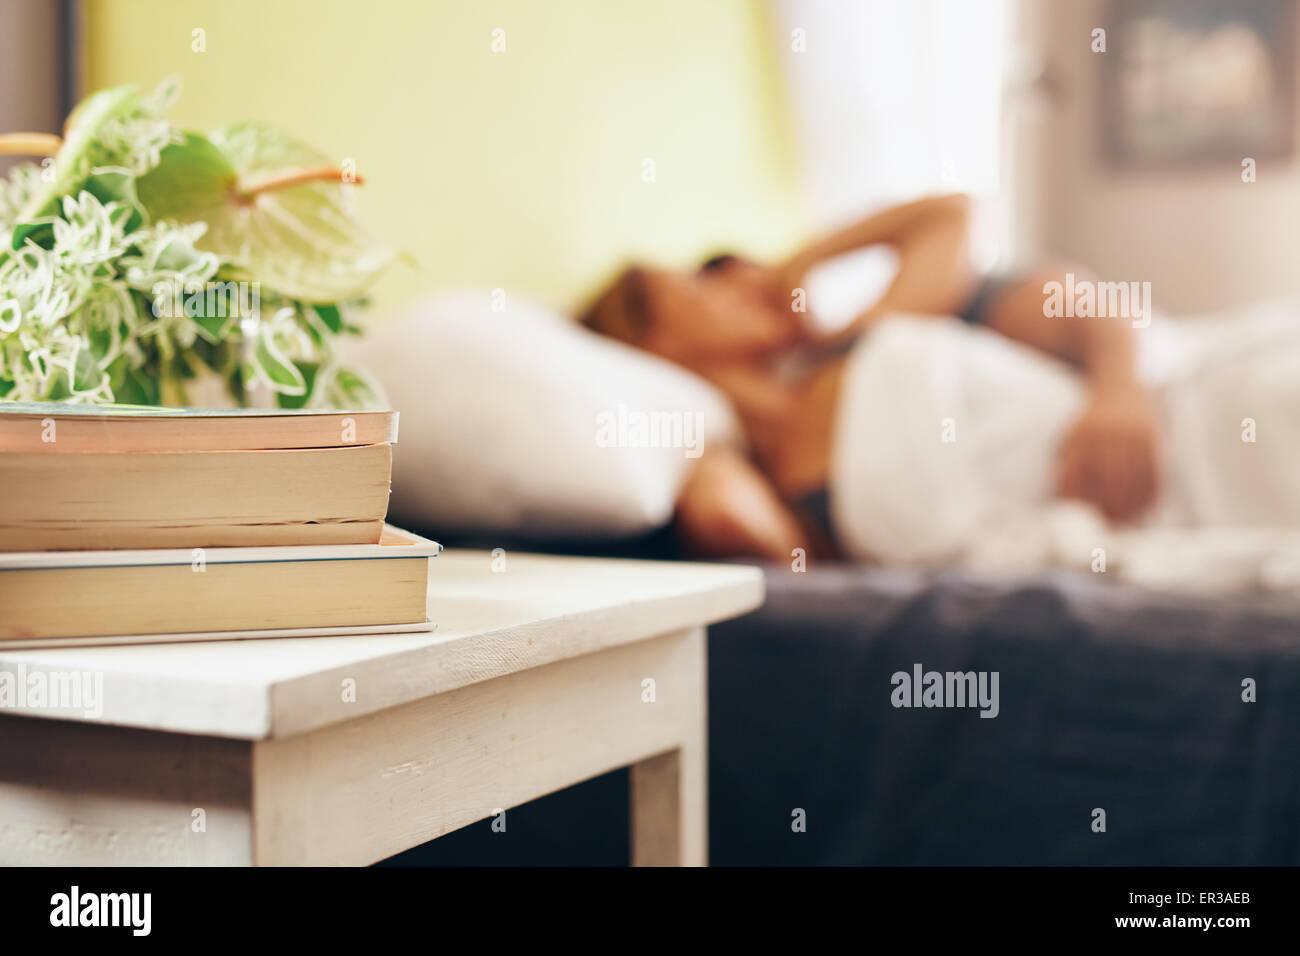 Tavolino con libri e fiori dal letto in camera da letto. Giovane dormire tranquillamente sul letto. Immagini Stock